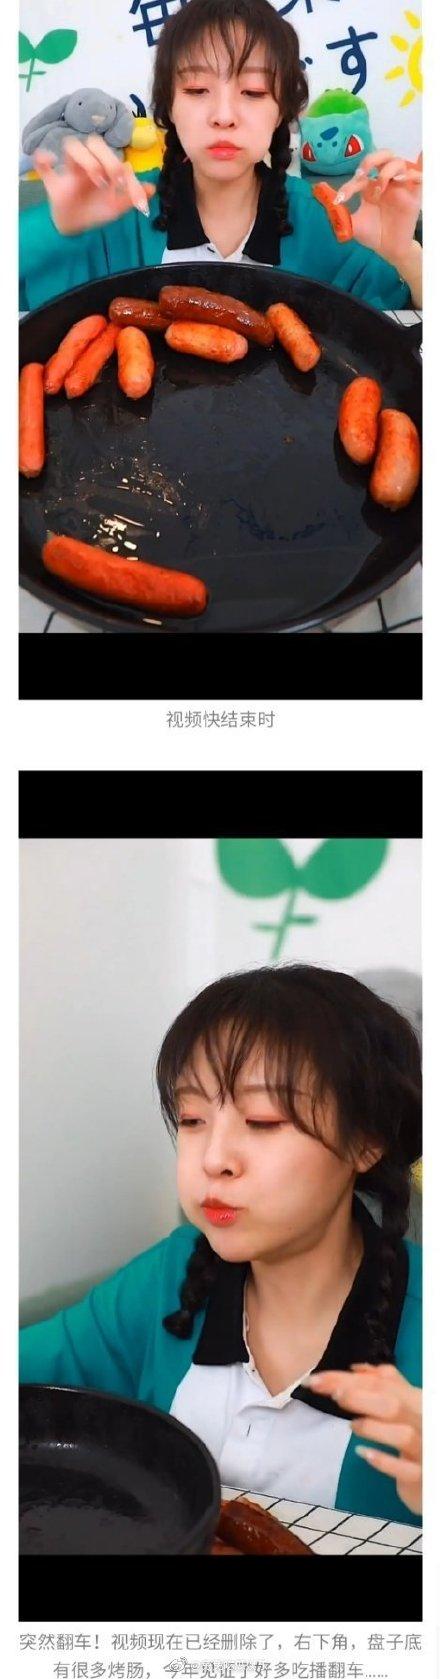 由於許多知名大胃王陸續「翻車」被爆出假吃和催吐,中國政府決定下令禁止「大胃王吃播」的風氣,杜絕浪費糧食的行為。而知名大胃王Mini則直接被方在中國官方媒體《央視》的新聞上,也讓她嚇得緊急改名為「梨渦少女Mini」。  Mini先前在網路上Po出《公開挑戰吃100根烤腸》的影片,被眼尖的網友發現換了鏡位後,發現了她藏在碗下的香腸,疑似是咬了一口吃不下才偷偷藏起來的。  而隨後她也在微博上公開道歉,表示自己確實沒有吃完100跟,只吃了92根而已。但她委屈地表示影片中吃的烤腸是點外賣叫來的,送到時已經不太熱了。當工作人員又重新加熱後,沒有掌握好火侯,導致有幾根烤腸不小心烤焦了,所以最後吃起來「又硬又涼」的。Mini也保證自己絕對沒有浪費食物,有將當時吃不下的烤腸「打包回家蒸來吃」。  面對中國大動作的清掃行動,Mini十分害怕被政府「查水表」,於是也緊急將微博、YT等社群網站的名字都改成「梨渦少女Mini」,粉絲也留言「不如趁著這波抵制潮 考慮轉型怎麼樣」、「假吃欺騙觀眾 不可取」、「最討厭你們這些喜歡浪費糧食的人了」。